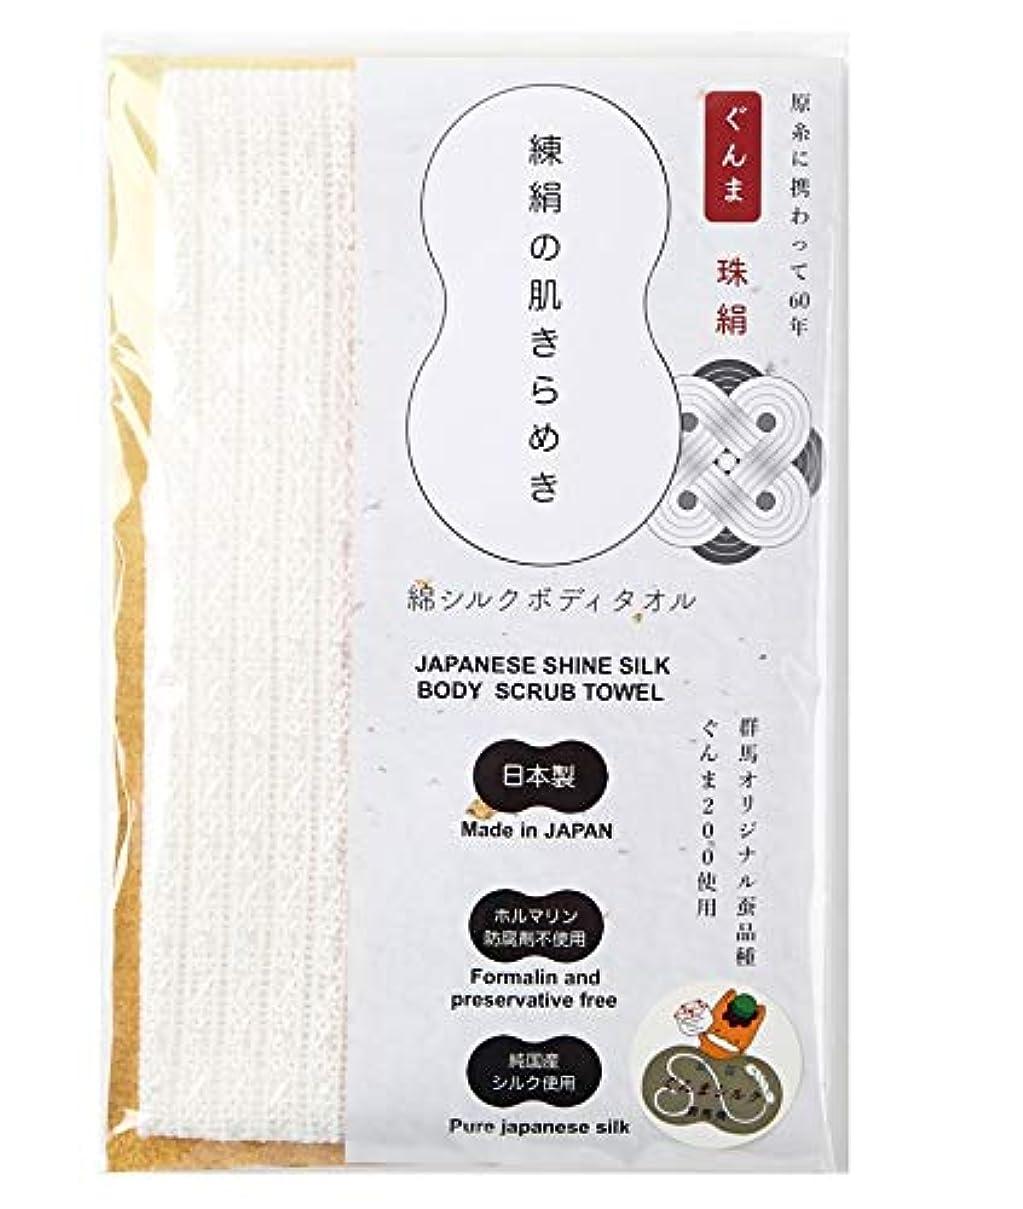 苦しみ排他的欠乏くーる&ほっと 珠絹(たまぎぬ) 練絹の肌きらめき 純国産絹(ぐんまシルク)使用 日本製 綿シルクボディタオル